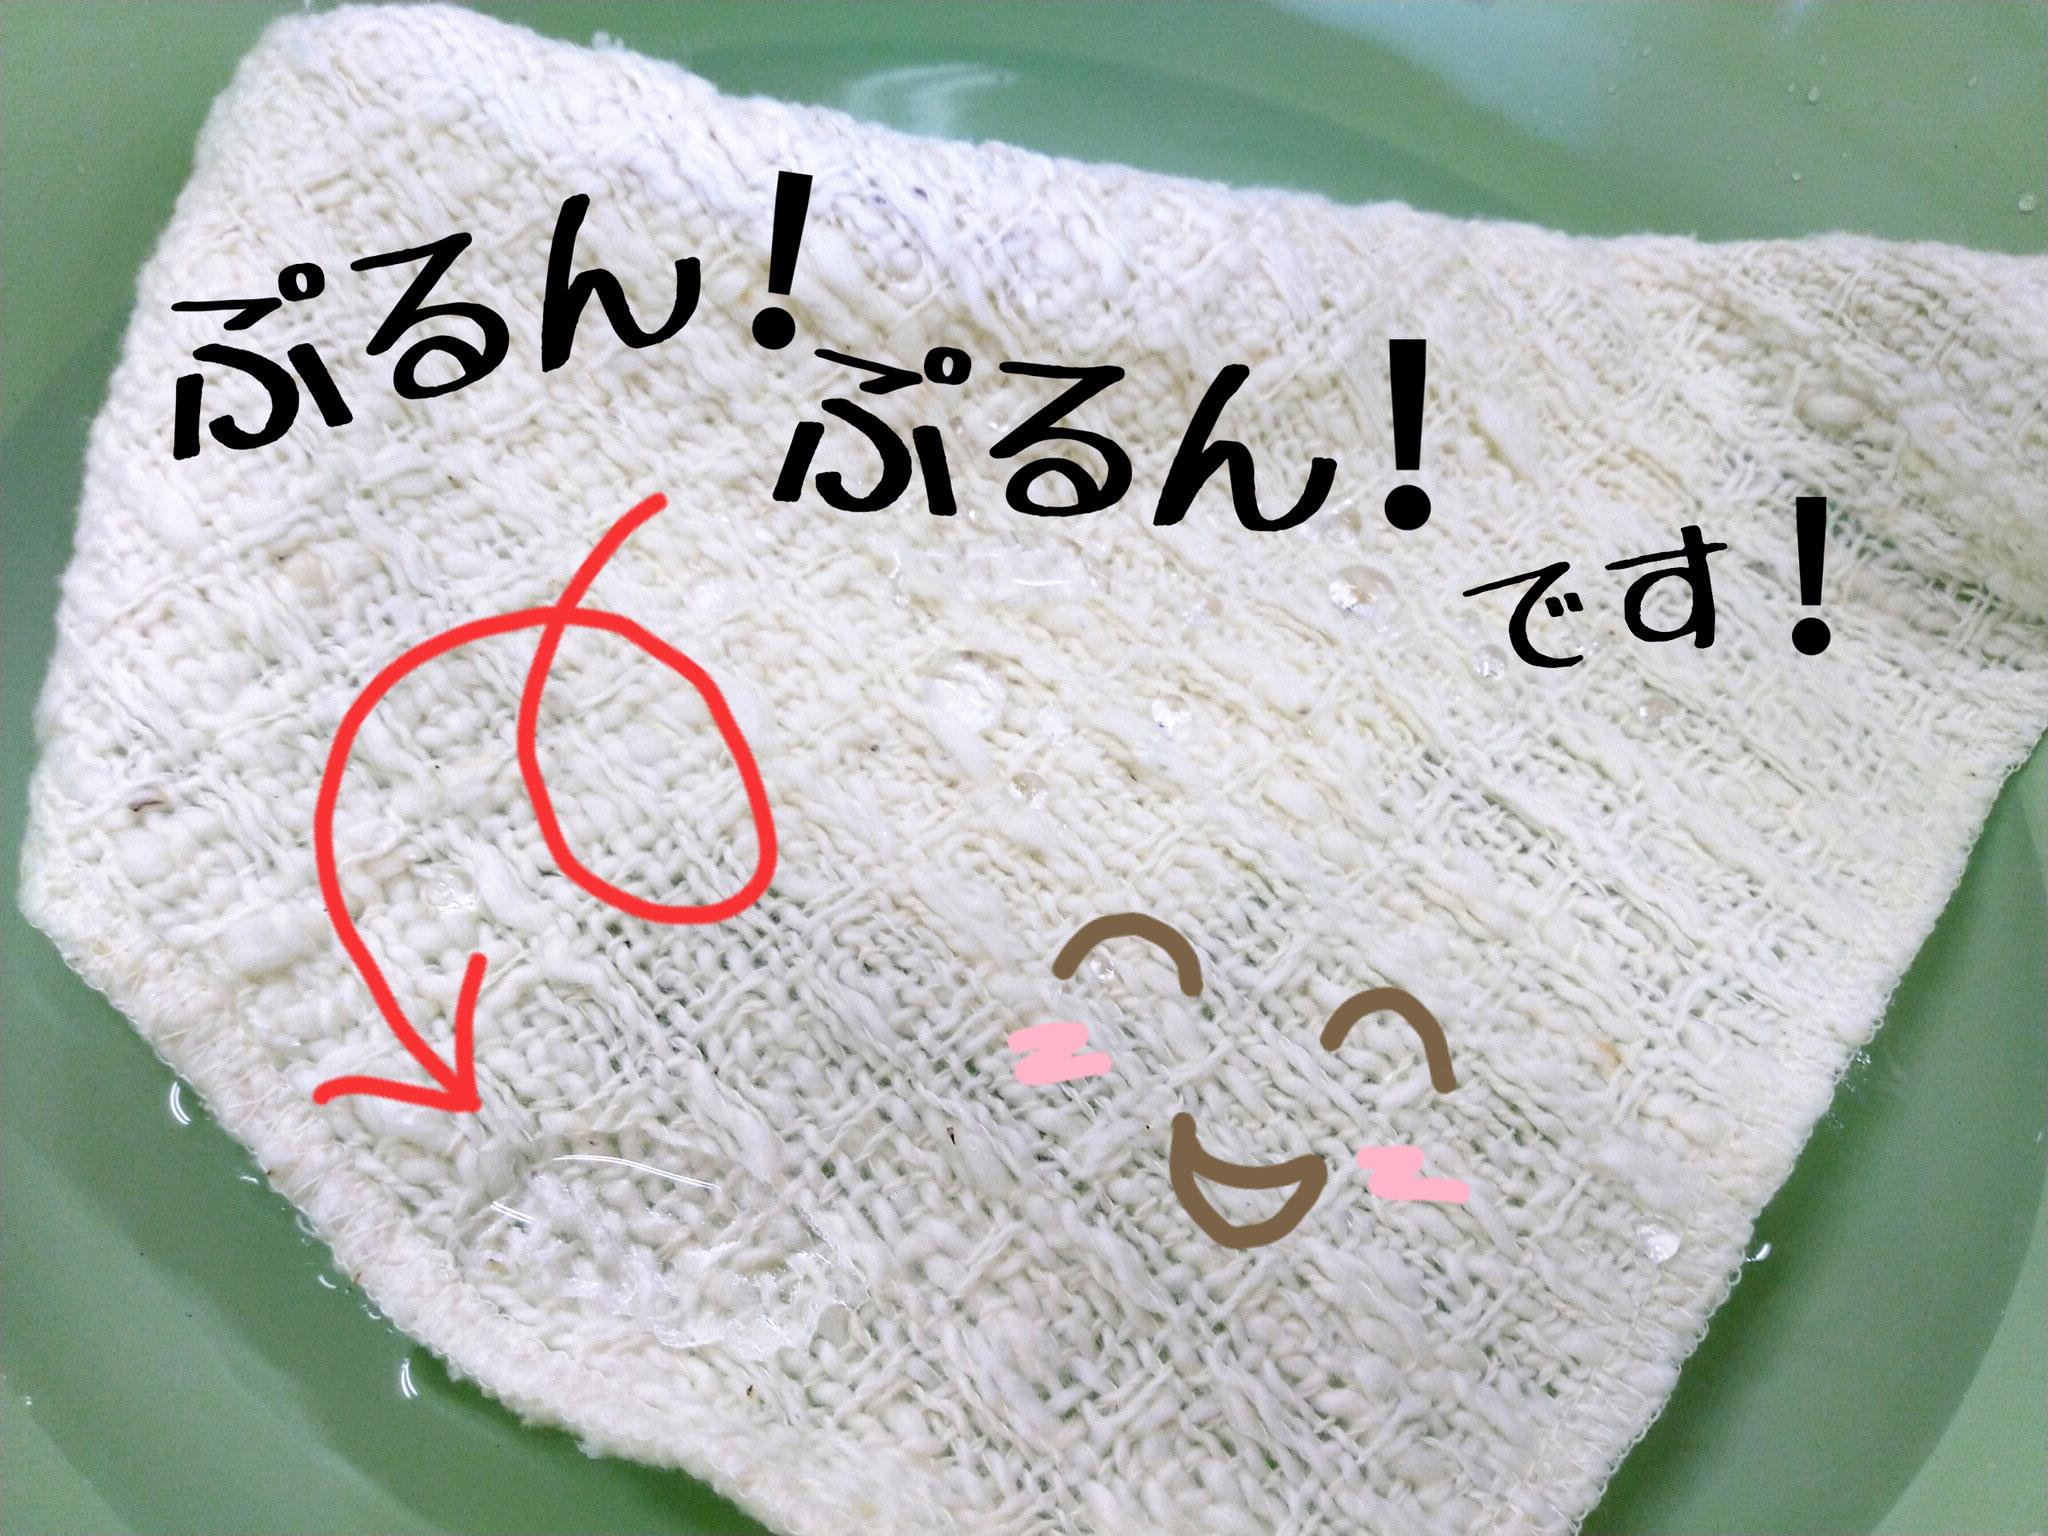 和綿のお肌洗いで洗うと、綿の油の働きでお肌がしっとりぷるぷるに洗いあがります